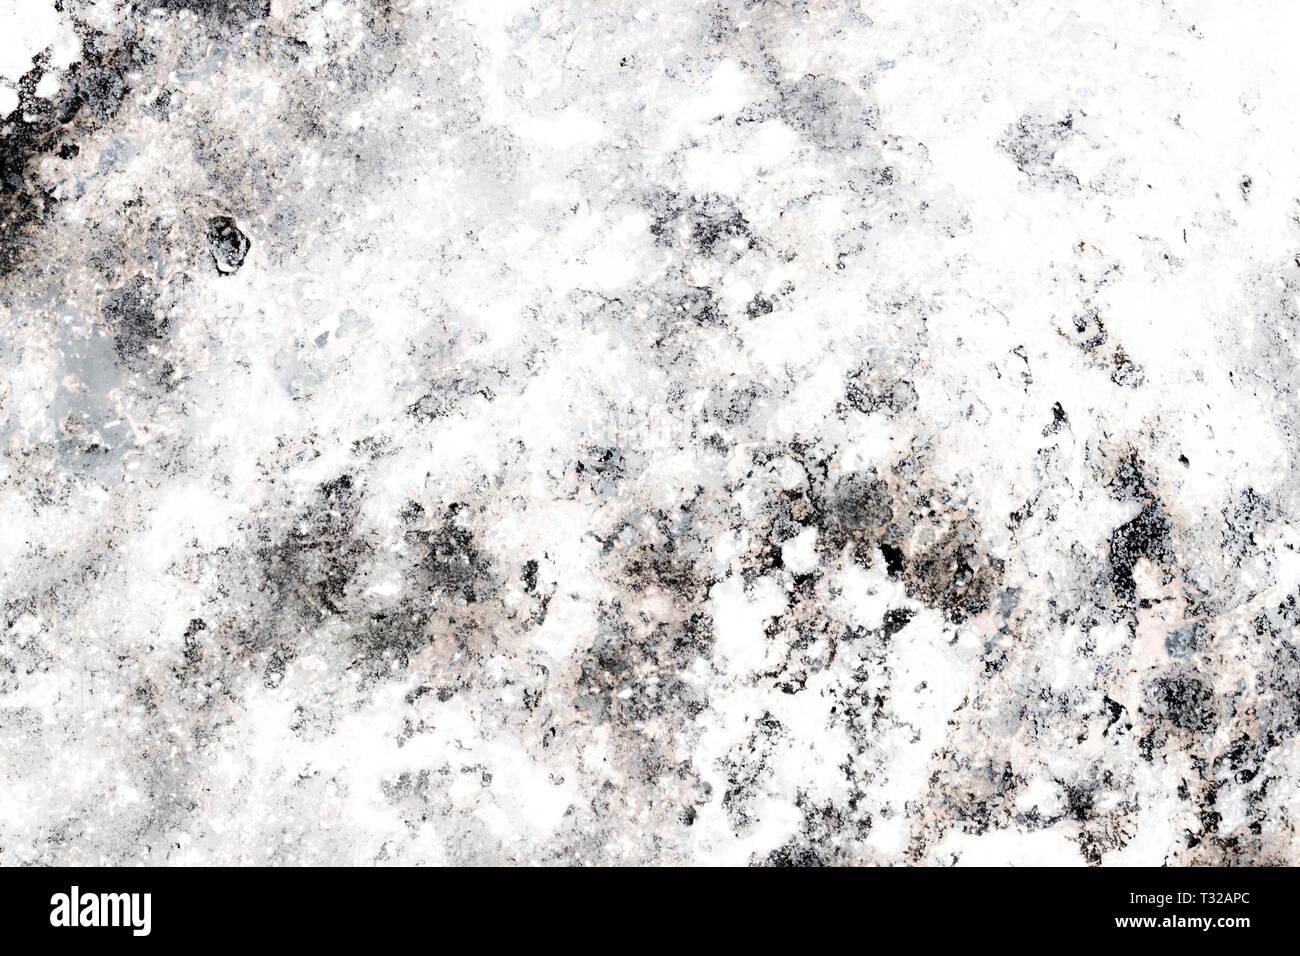 Texture In Marmo Bianco Grigio Chiaro Rose Colori Bianco Grigio